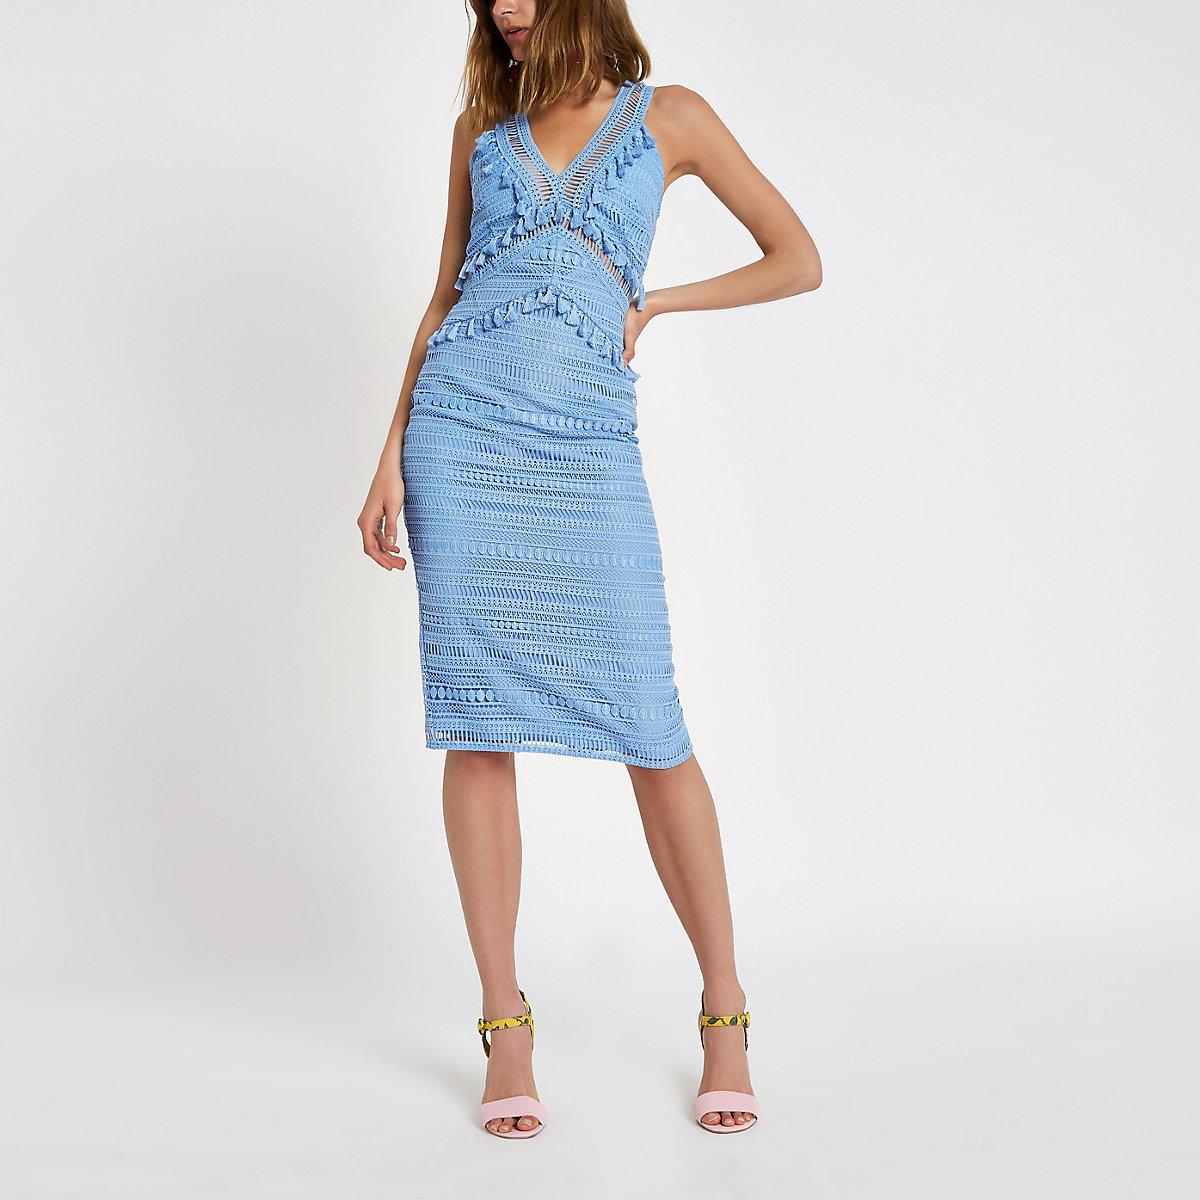 Blue lace tassel midi dress